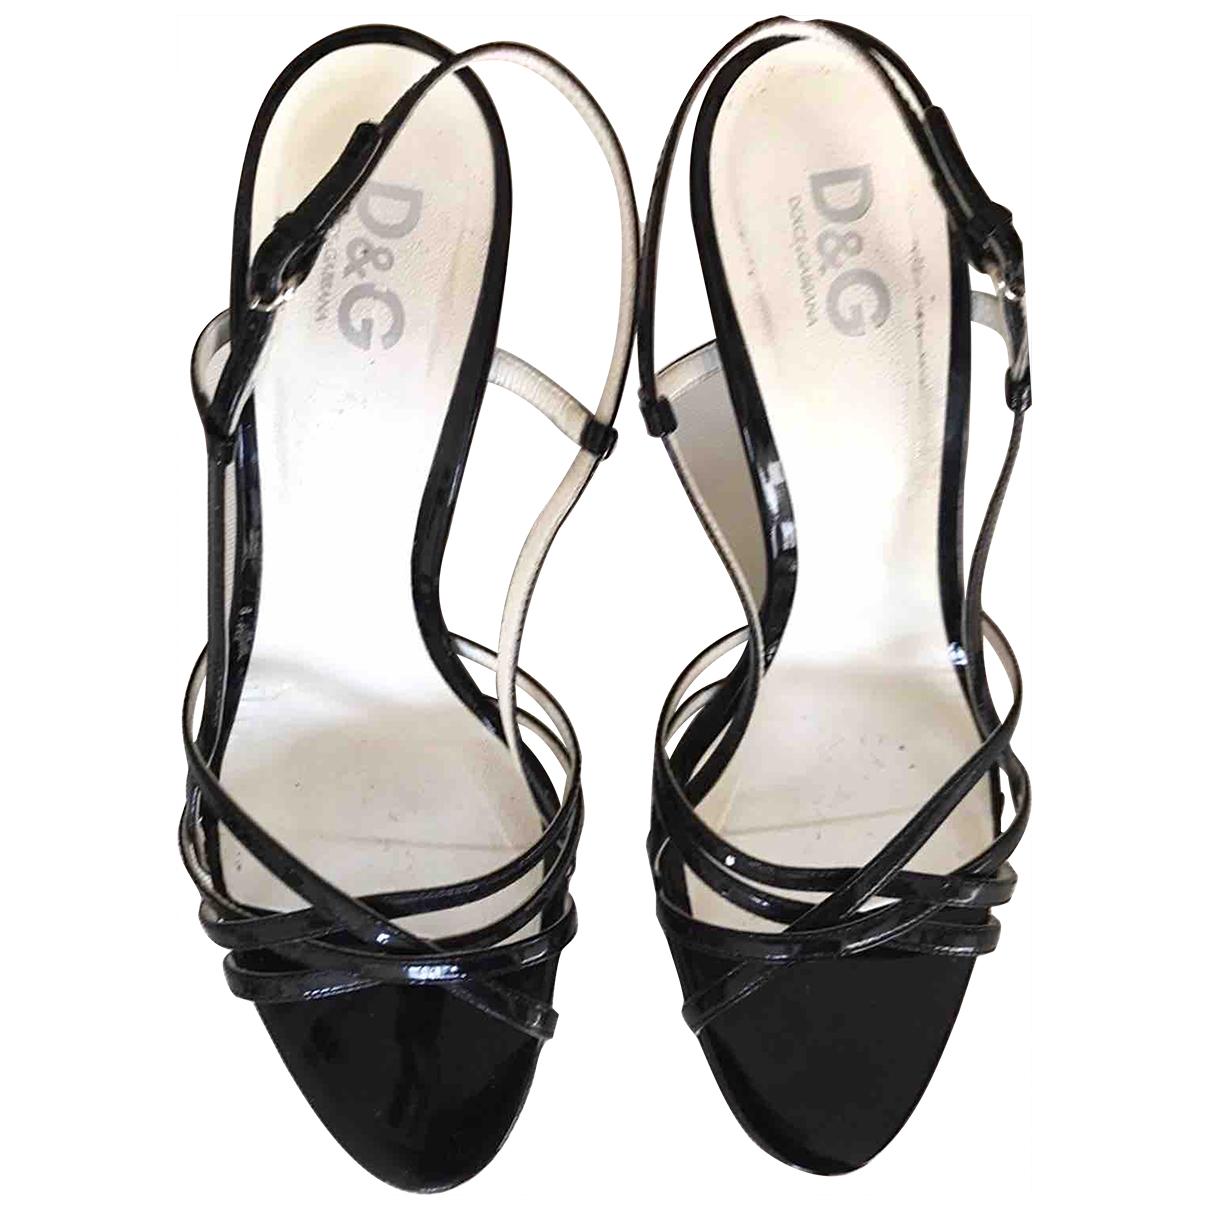 D&g \N Sandalen in  Schwarz Lackleder